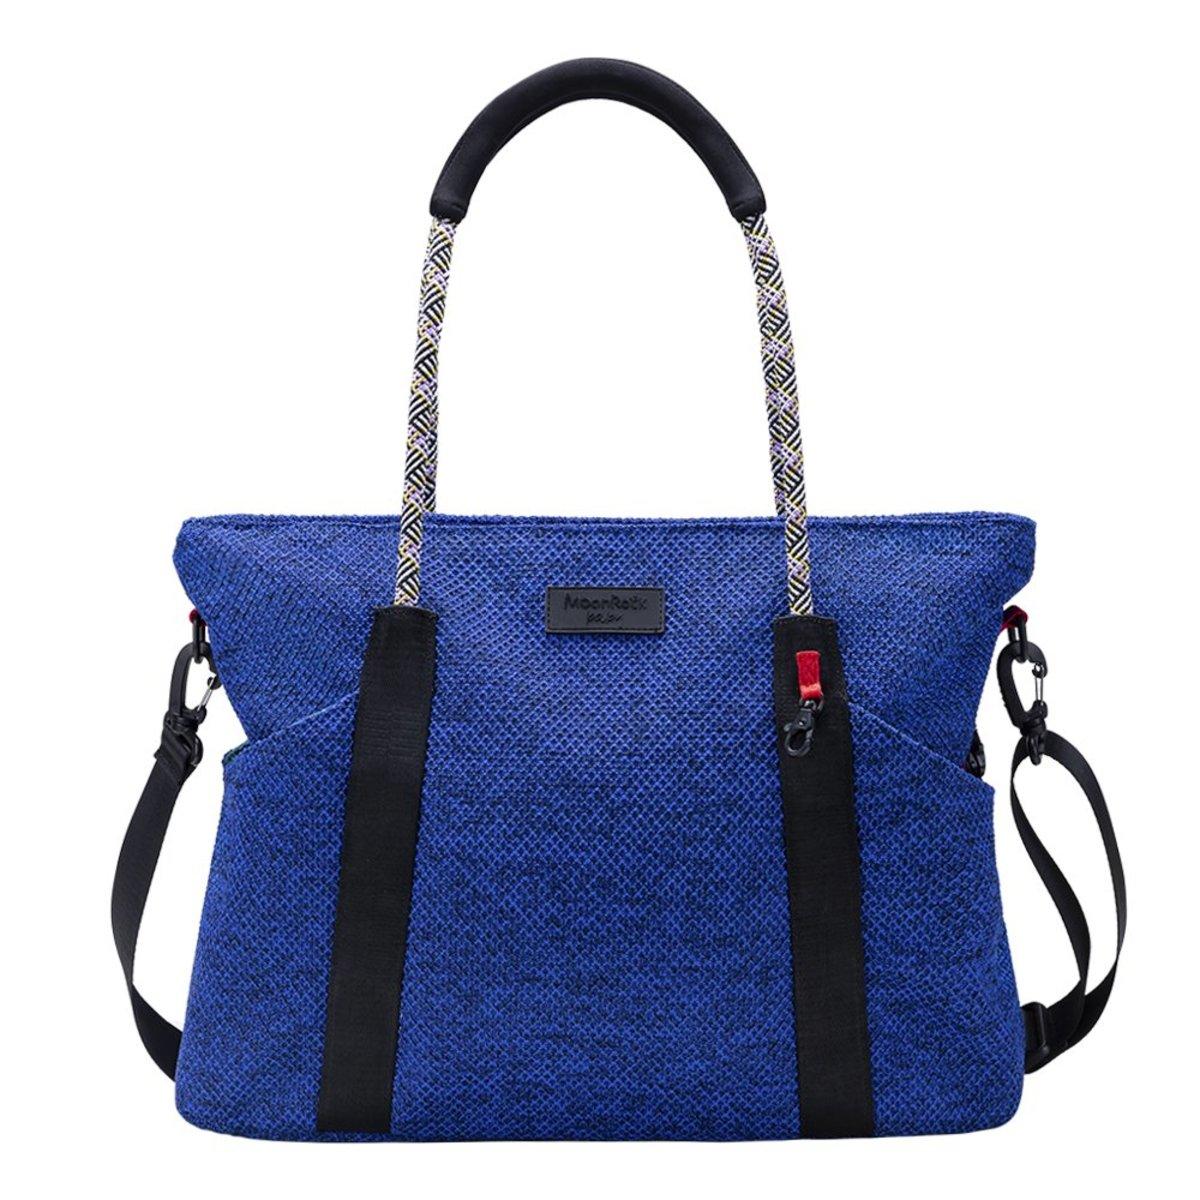 Bag-a-porter dami tote Bag – Turquoise